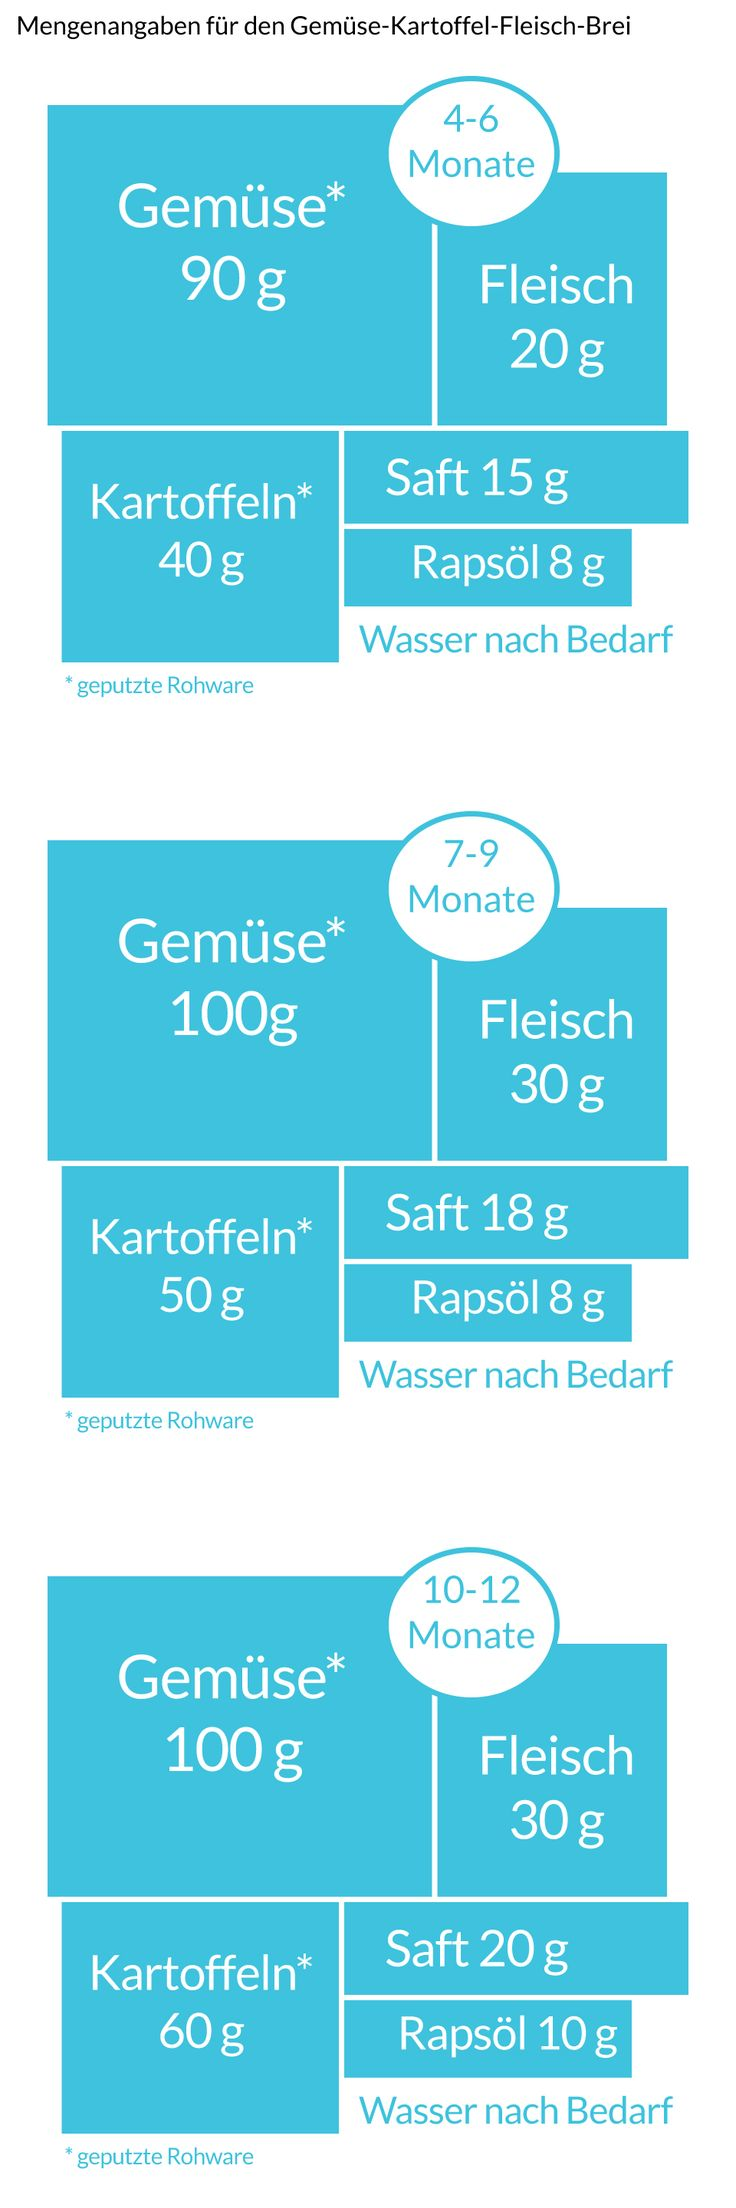 grafik_magazin_baby_beikost_wie-viel-beikost-isst-dein-baby_1_960x2880